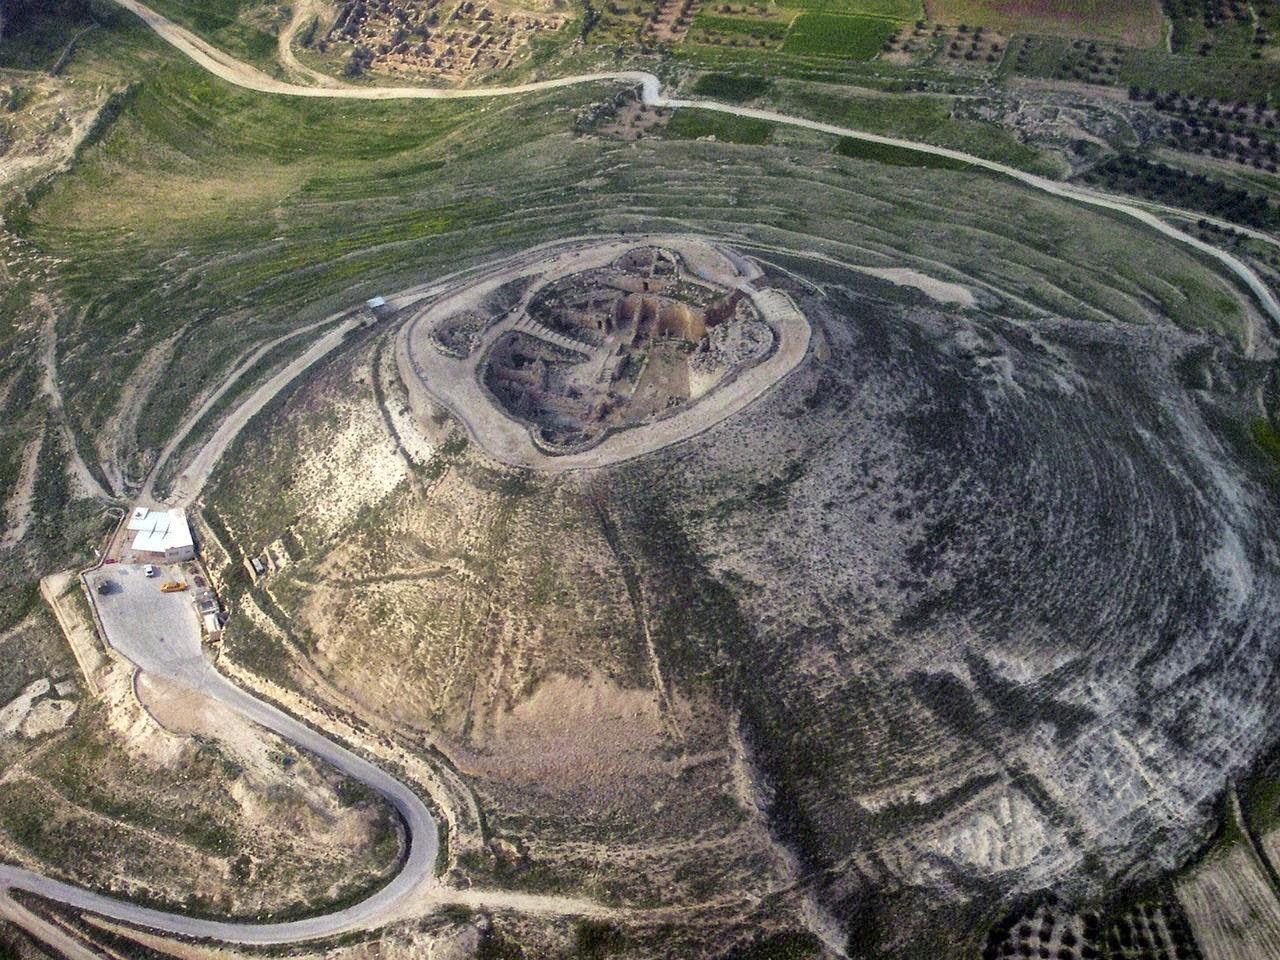 Ανακαλύφθηκε η είσοδος του παλατιού του Ηρώδη